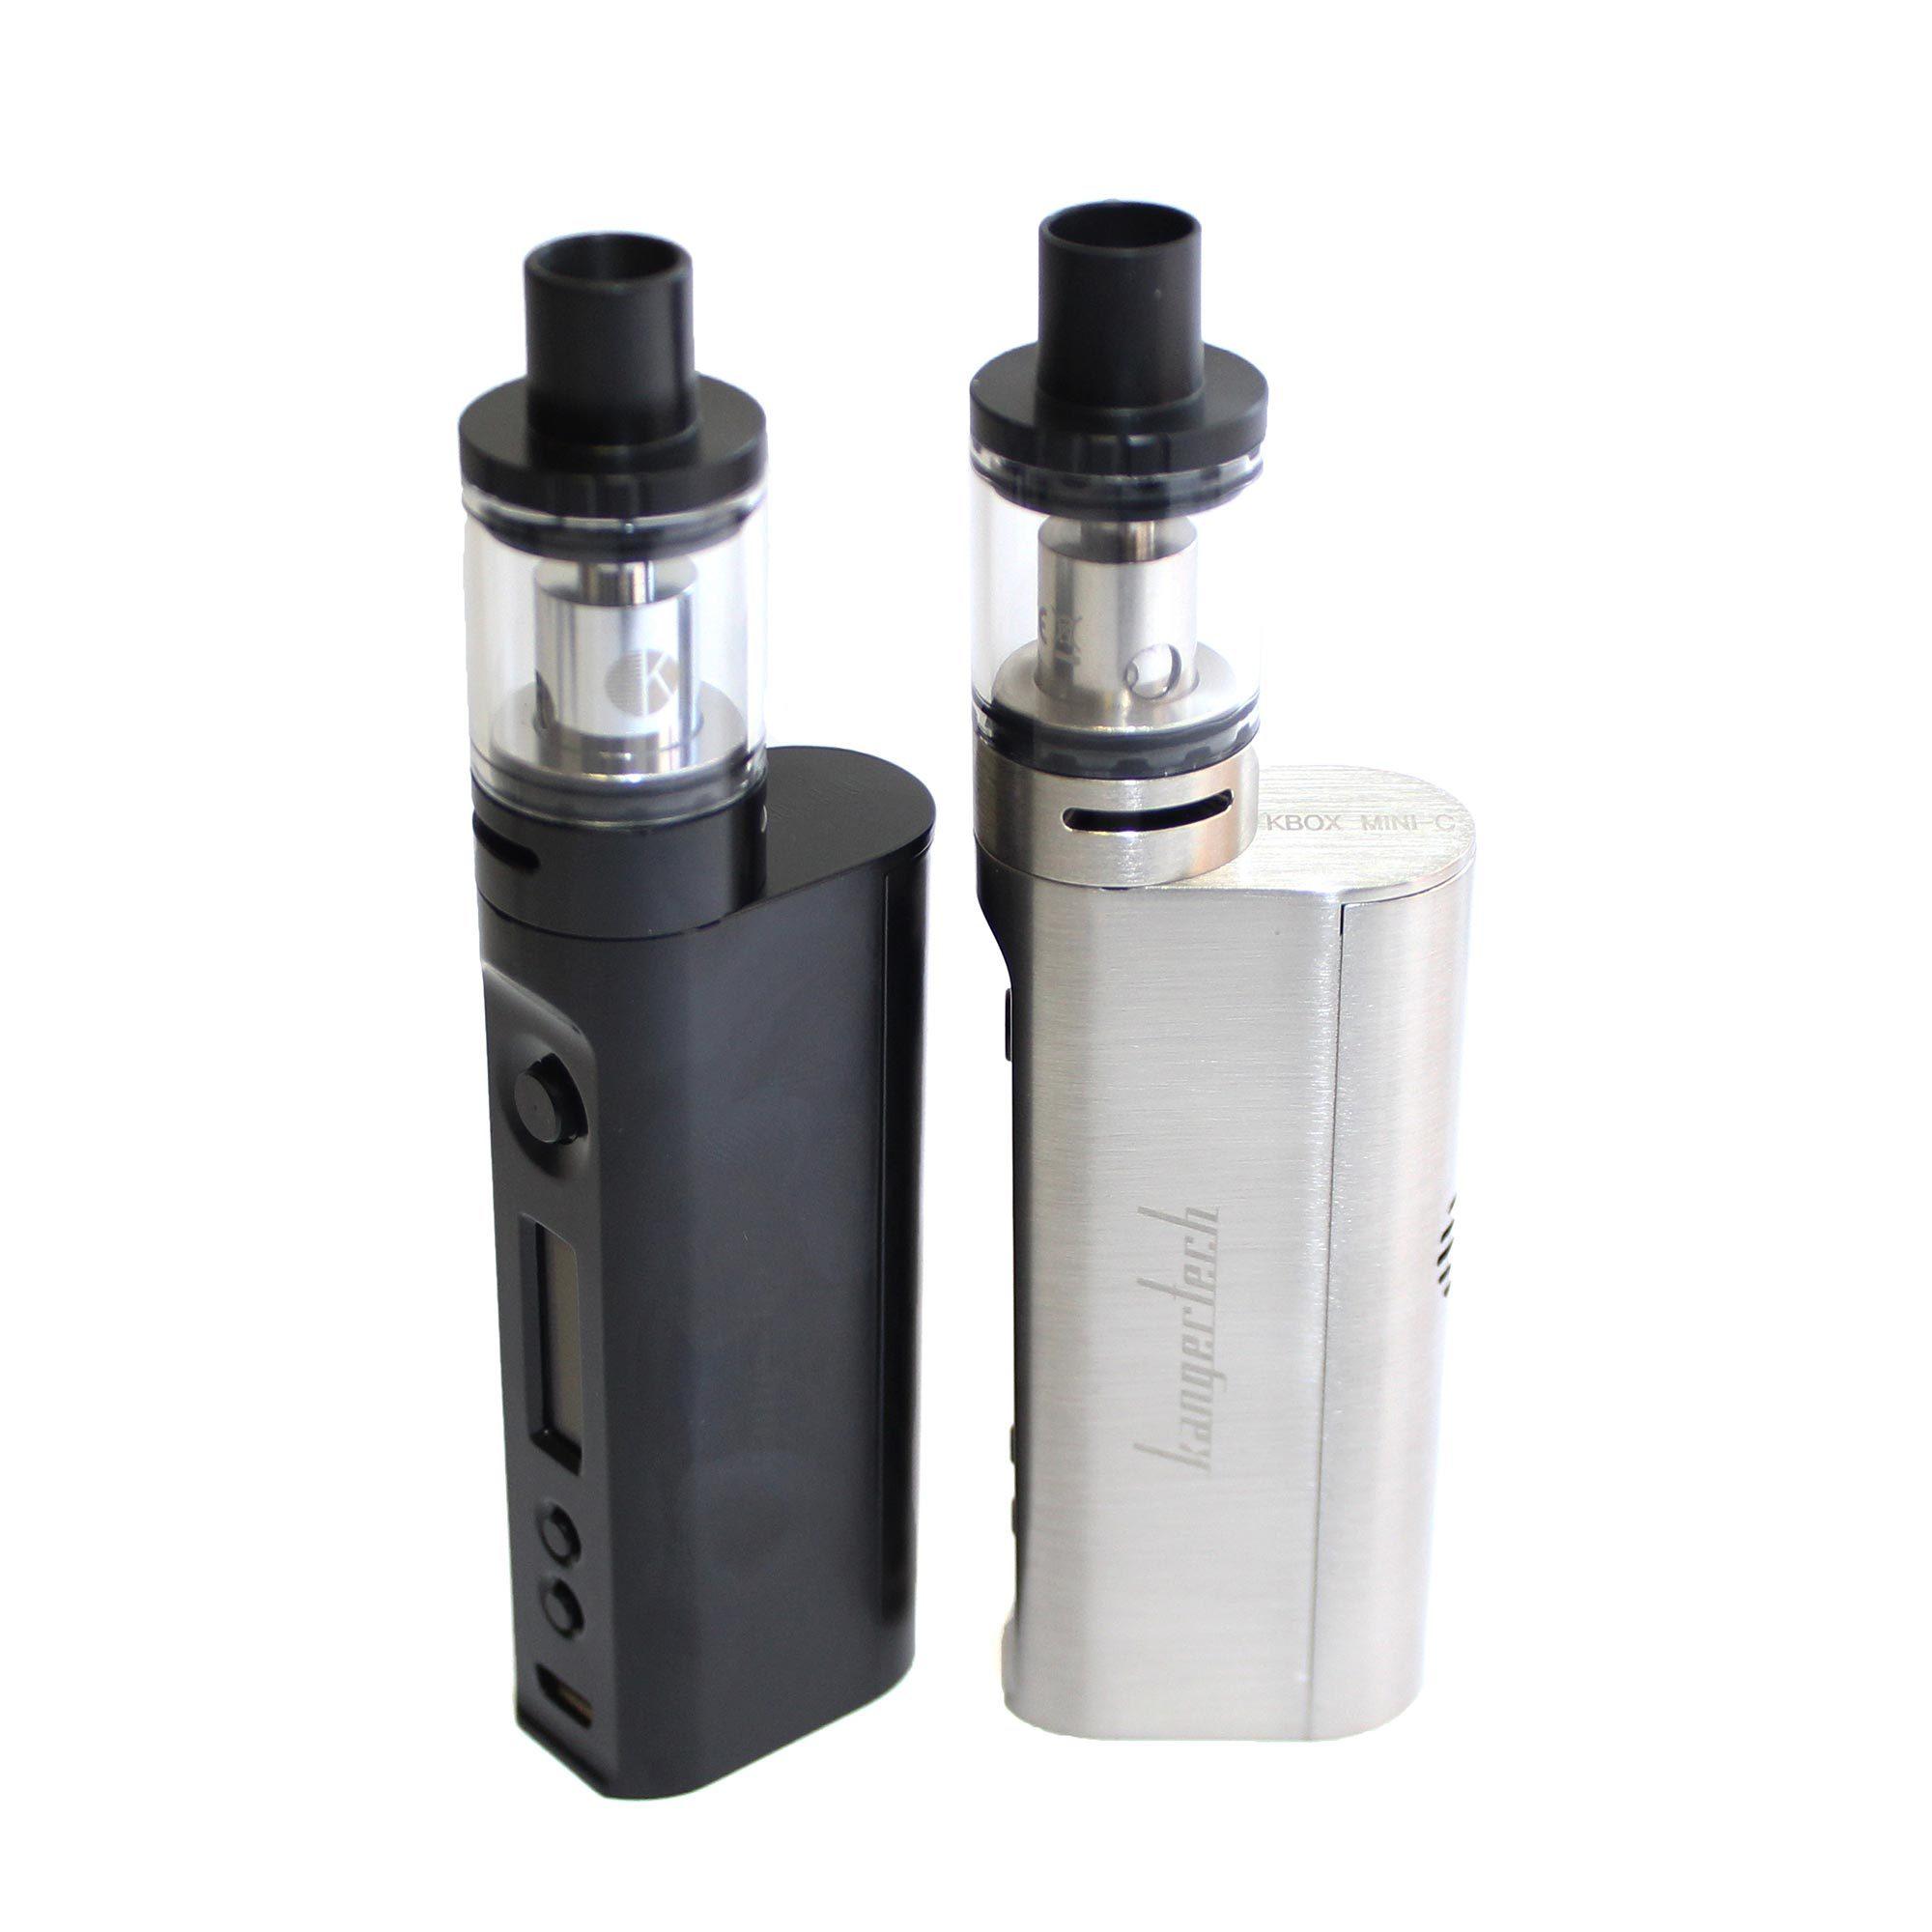 Купить электронную сигарету в новокосино купить сигареты автомат для продажи